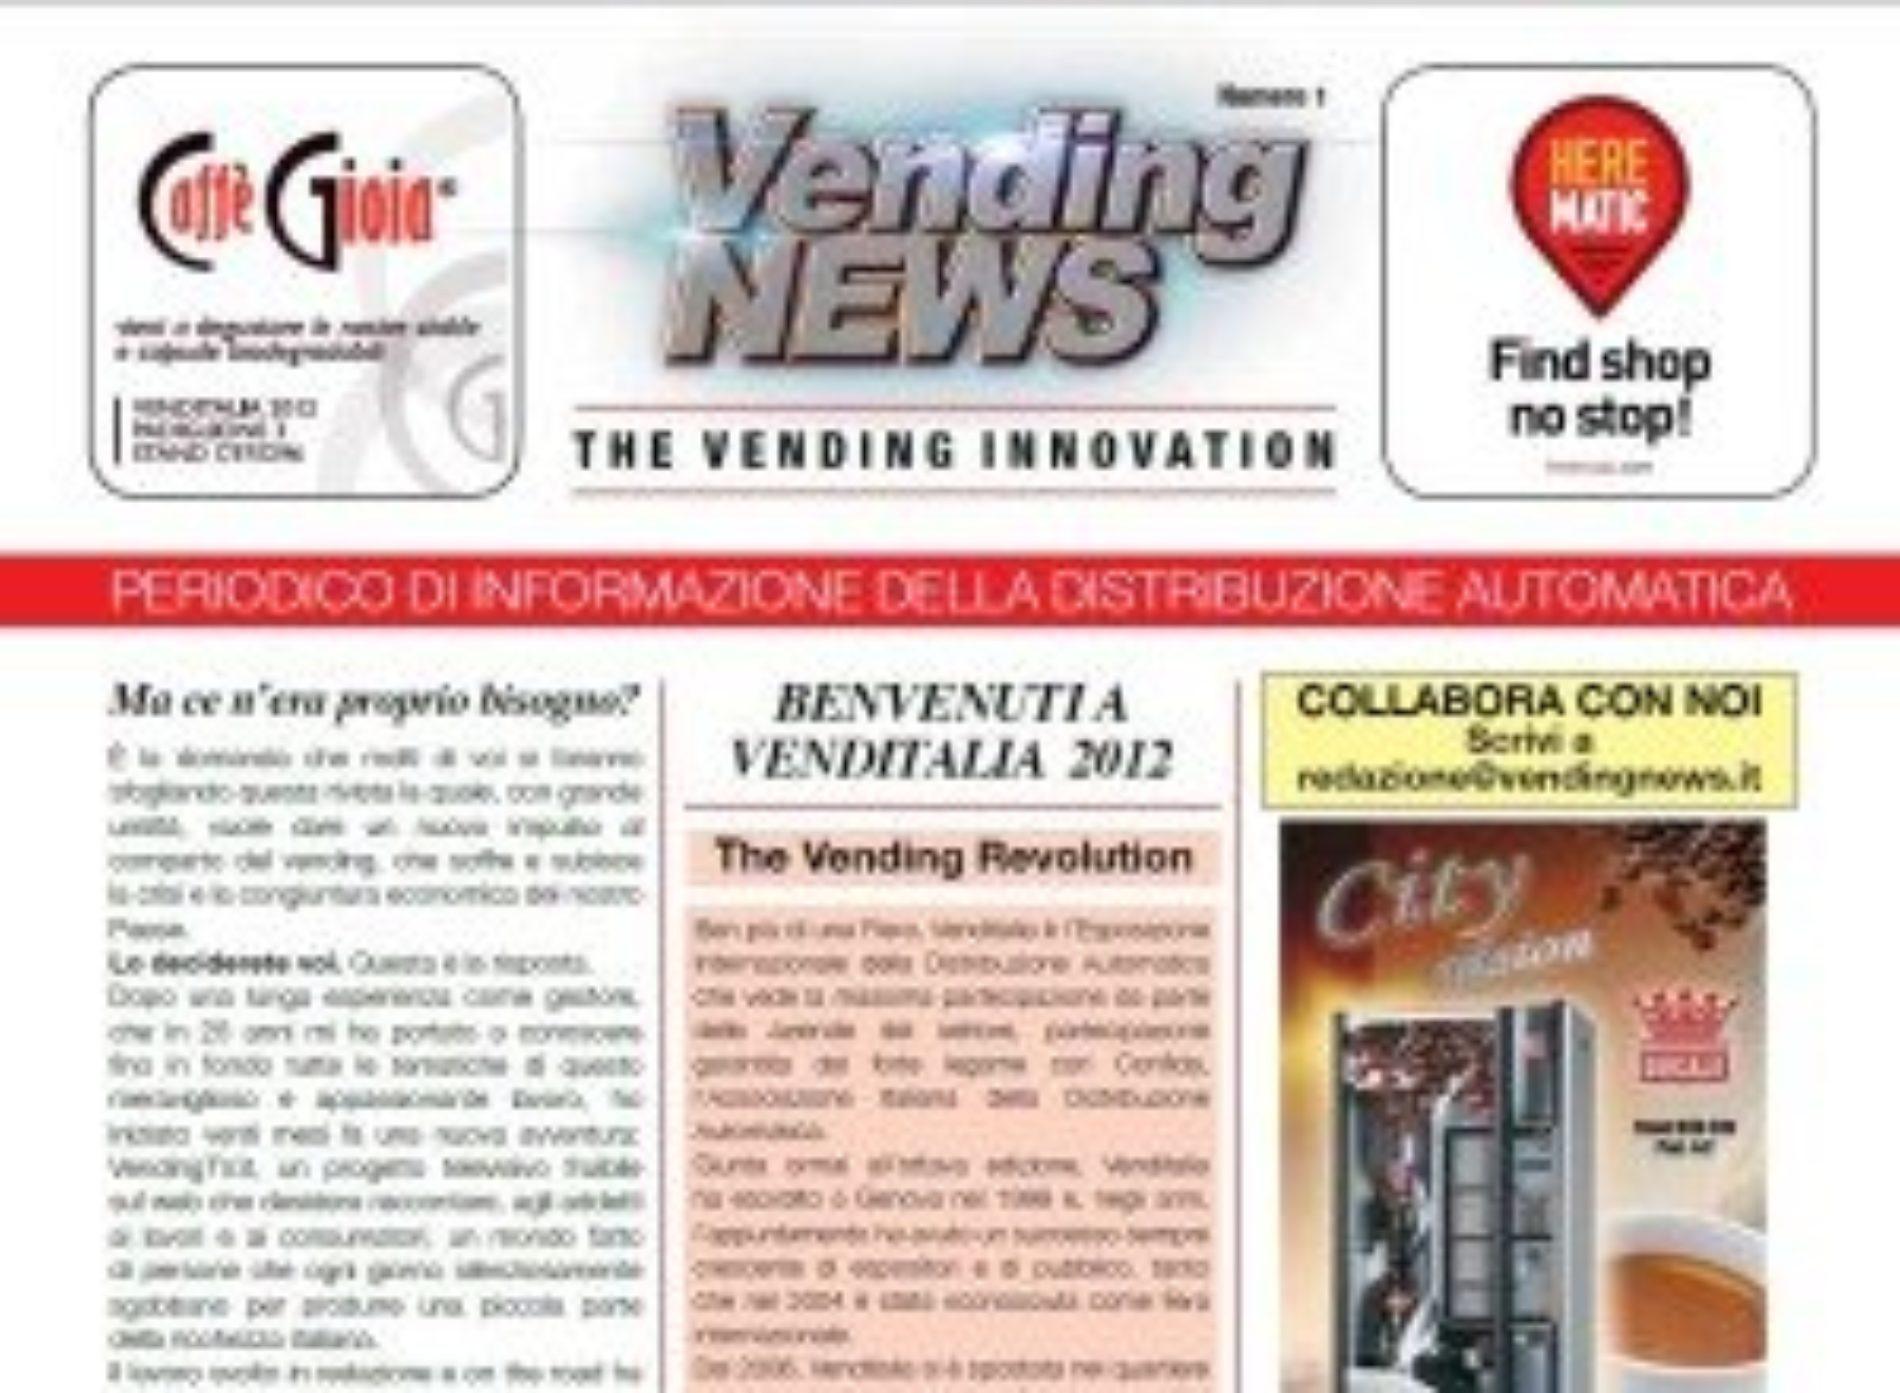 Rivista Vending News – Leggi il numero 1